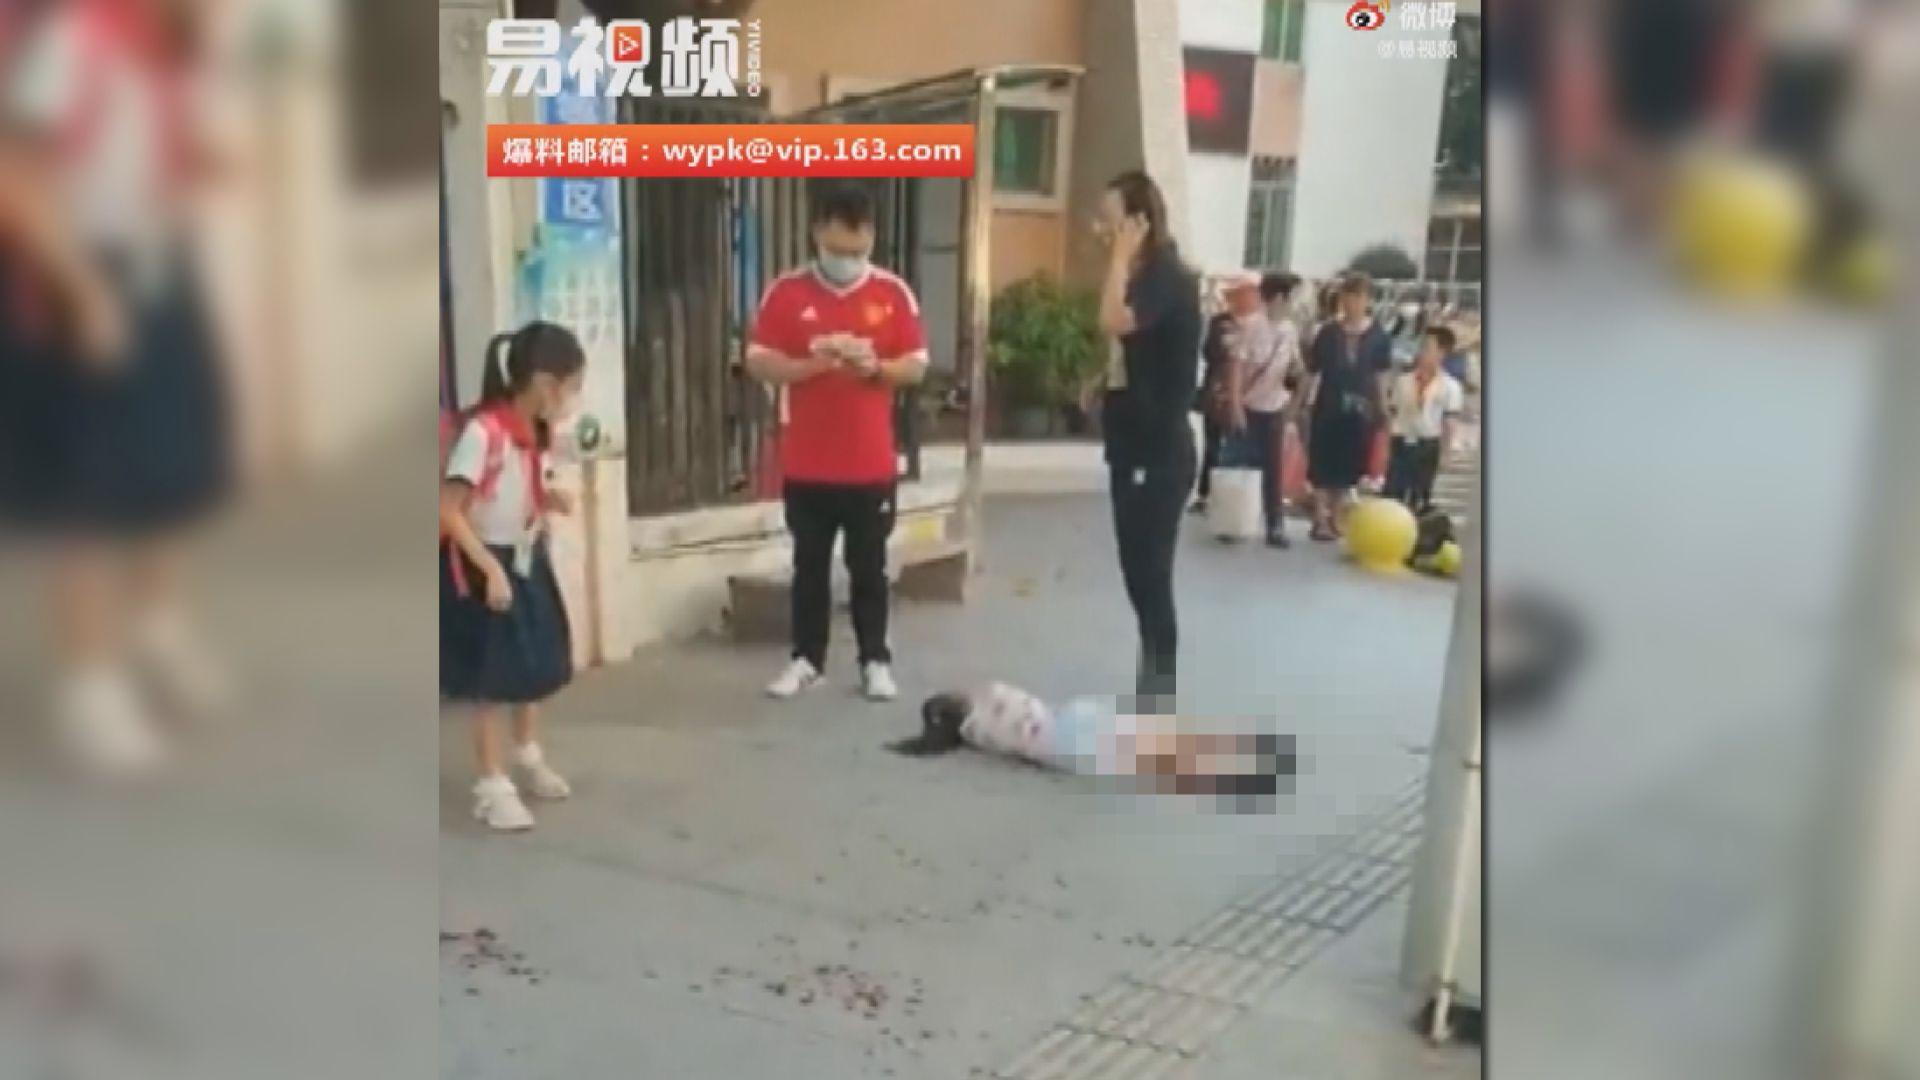 廣州番禺幼稚園外持刀傷人案釀兩死多傷 死者包括疑兇